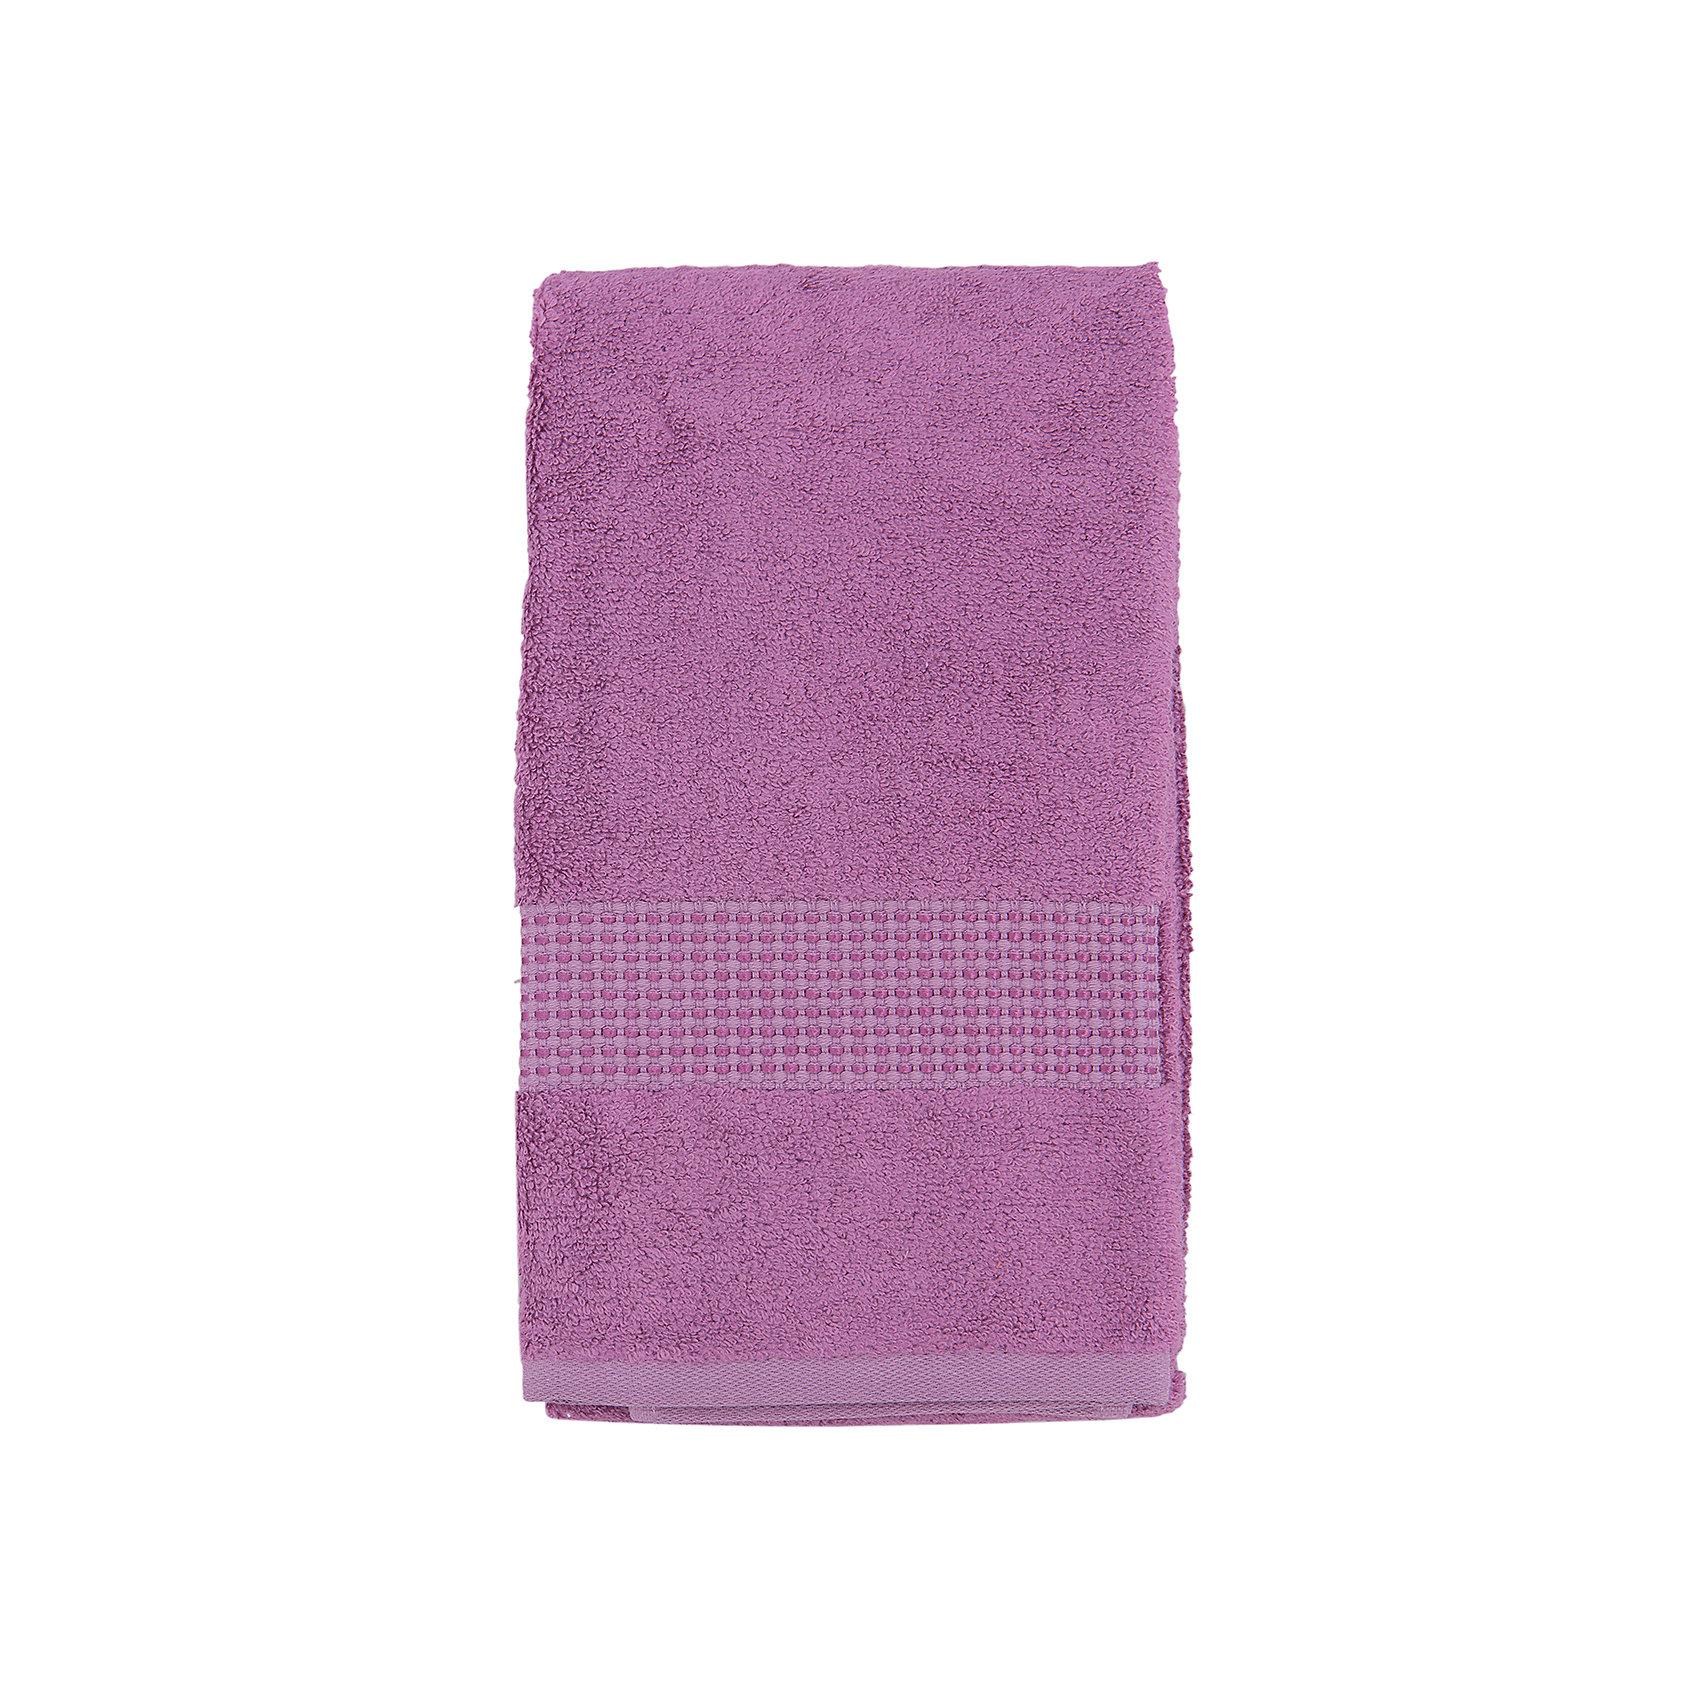 Полотенце ELMORE махровое 50*90 Бамбук, TAC, фиолетовыйХарактеристика: <br><br>- Материал: 35% бамбук, 65% хлопок.<br>- Размер: 50х90 см.<br>- Плотность: 500г/м2..<br>- Цвет: фиолетовый.<br><br>Нежное махровое полотенце будет прекрасным подарком к любому празднику!<br><br>Полотенце ELMORE махровое, можно купить в нашем магазине.<br><br>Ширина мм: 180<br>Глубина мм: 30<br>Высота мм: 300<br>Вес г: 300<br>Возраст от месяцев: 0<br>Возраст до месяцев: 84<br>Пол: Женский<br>Возраст: Детский<br>SKU: 5124077